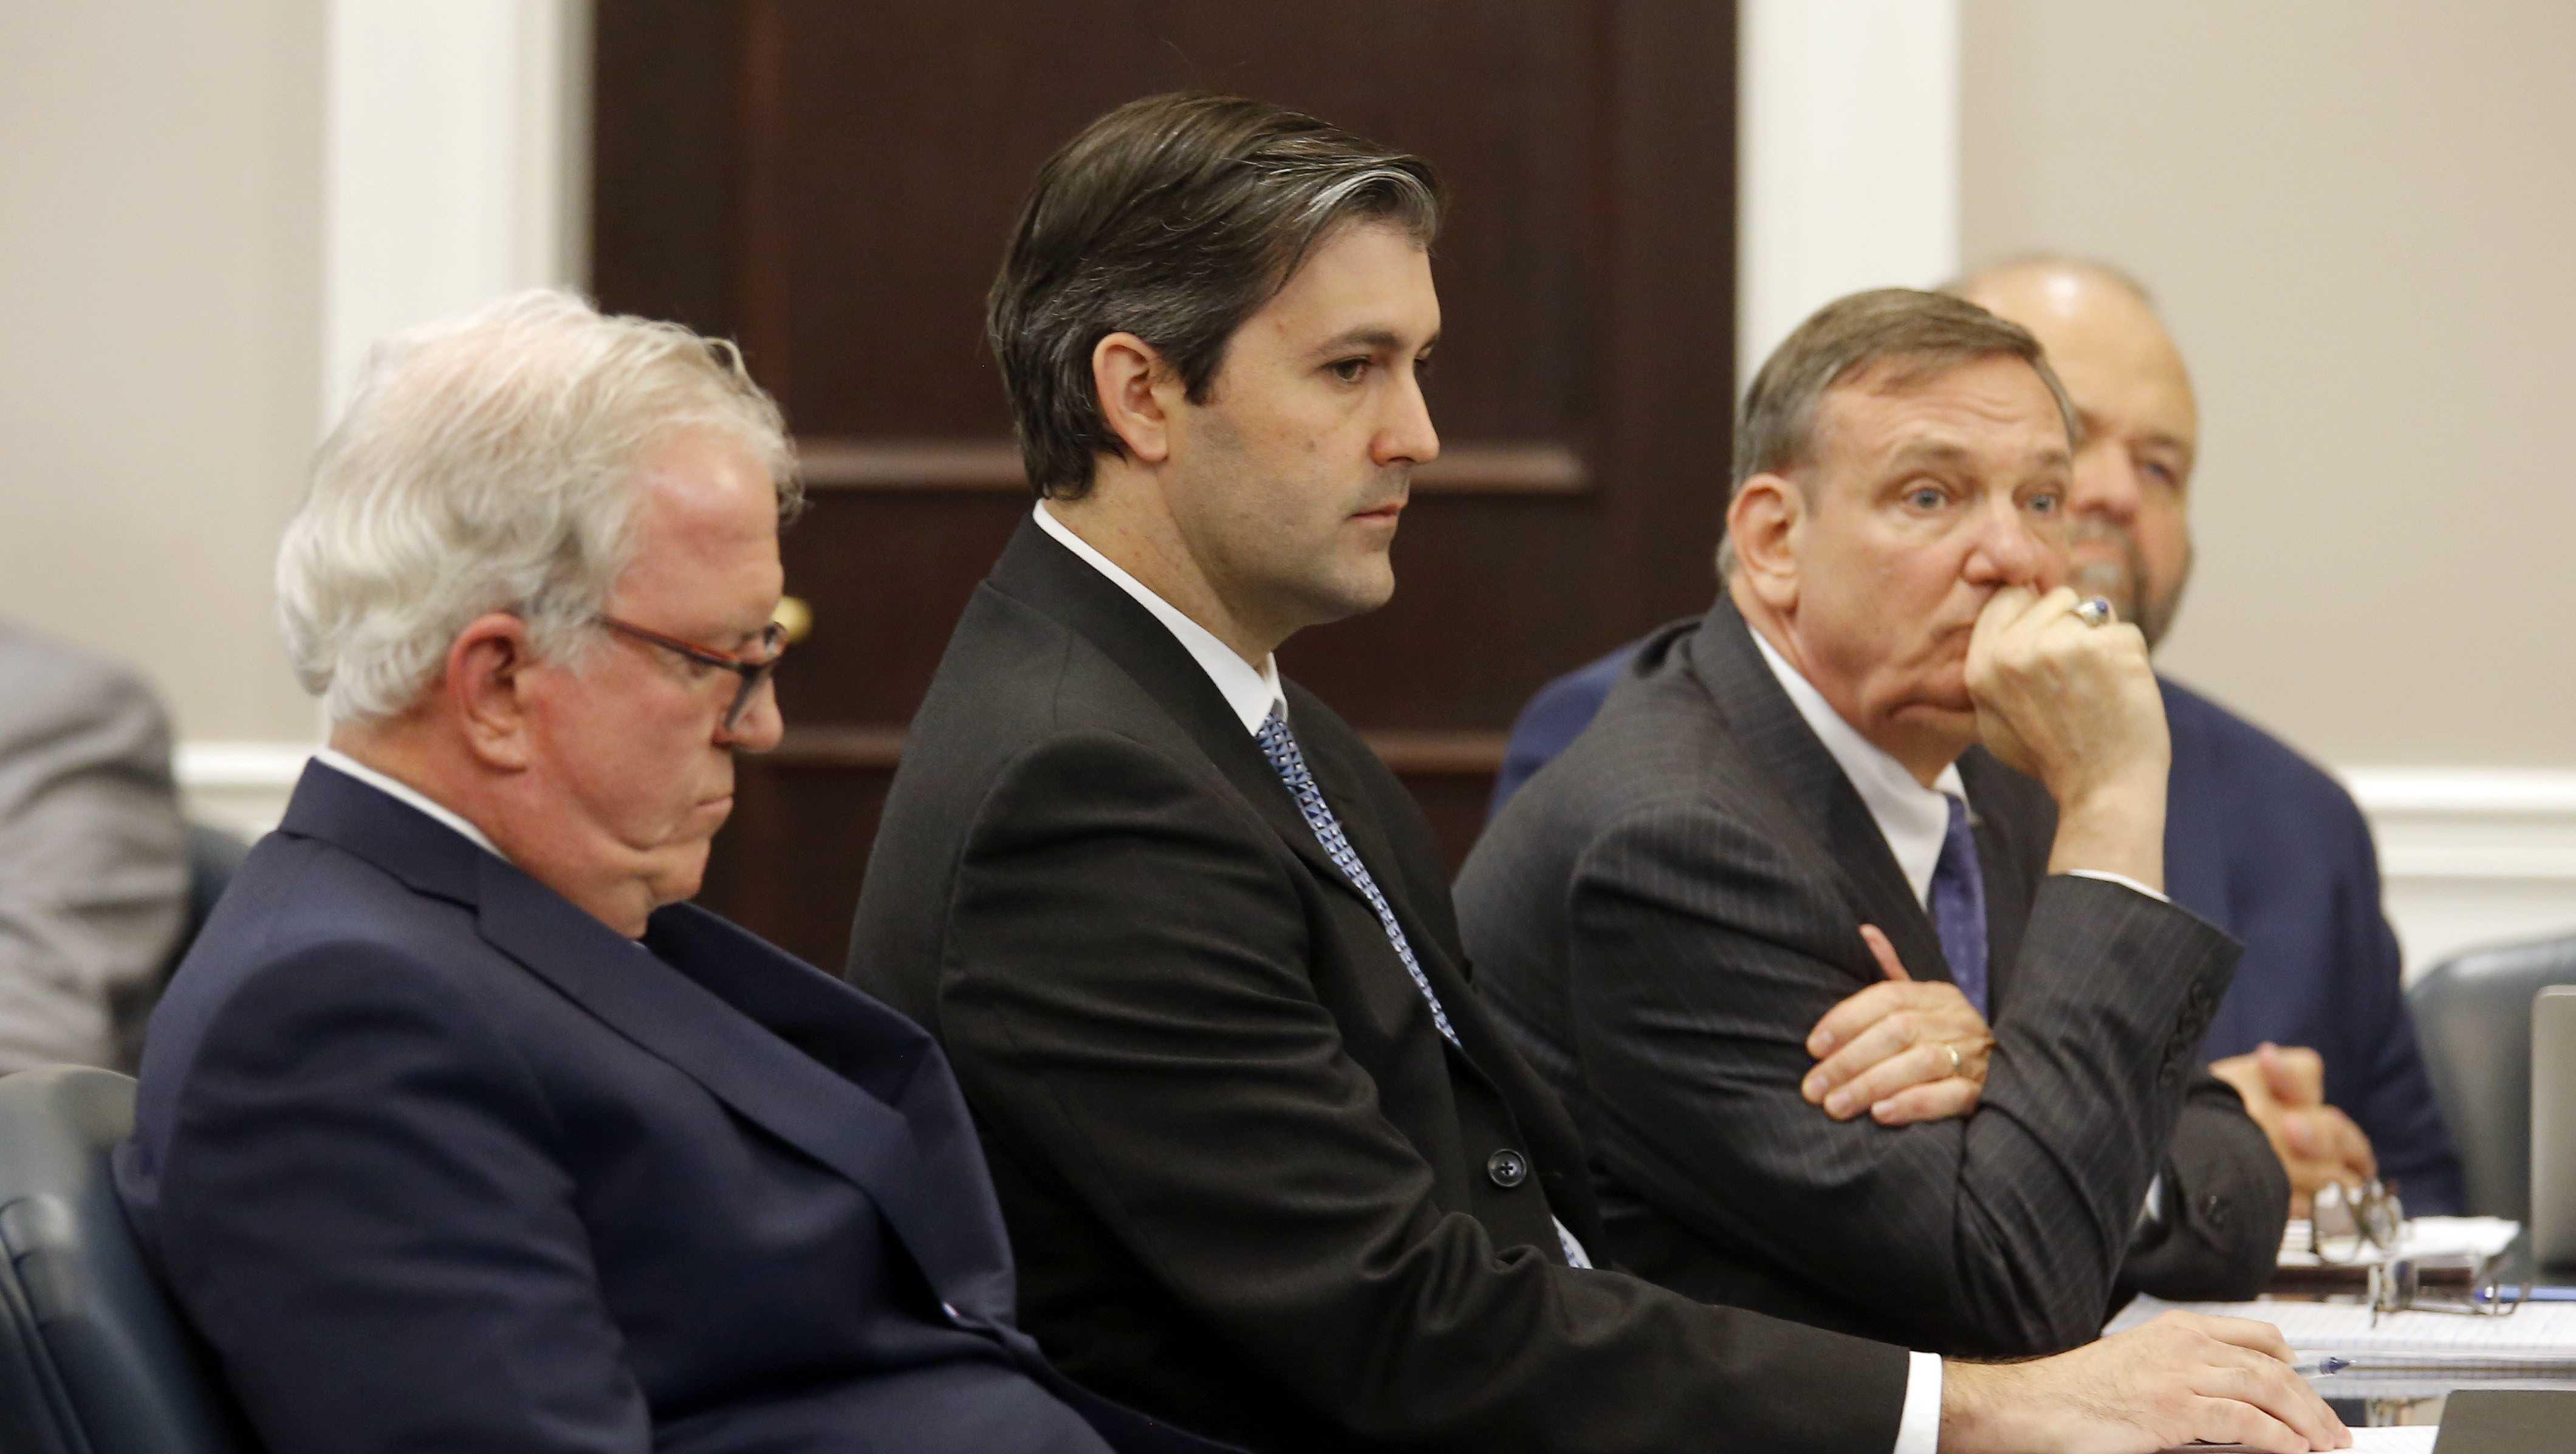 Michael Slager (center)